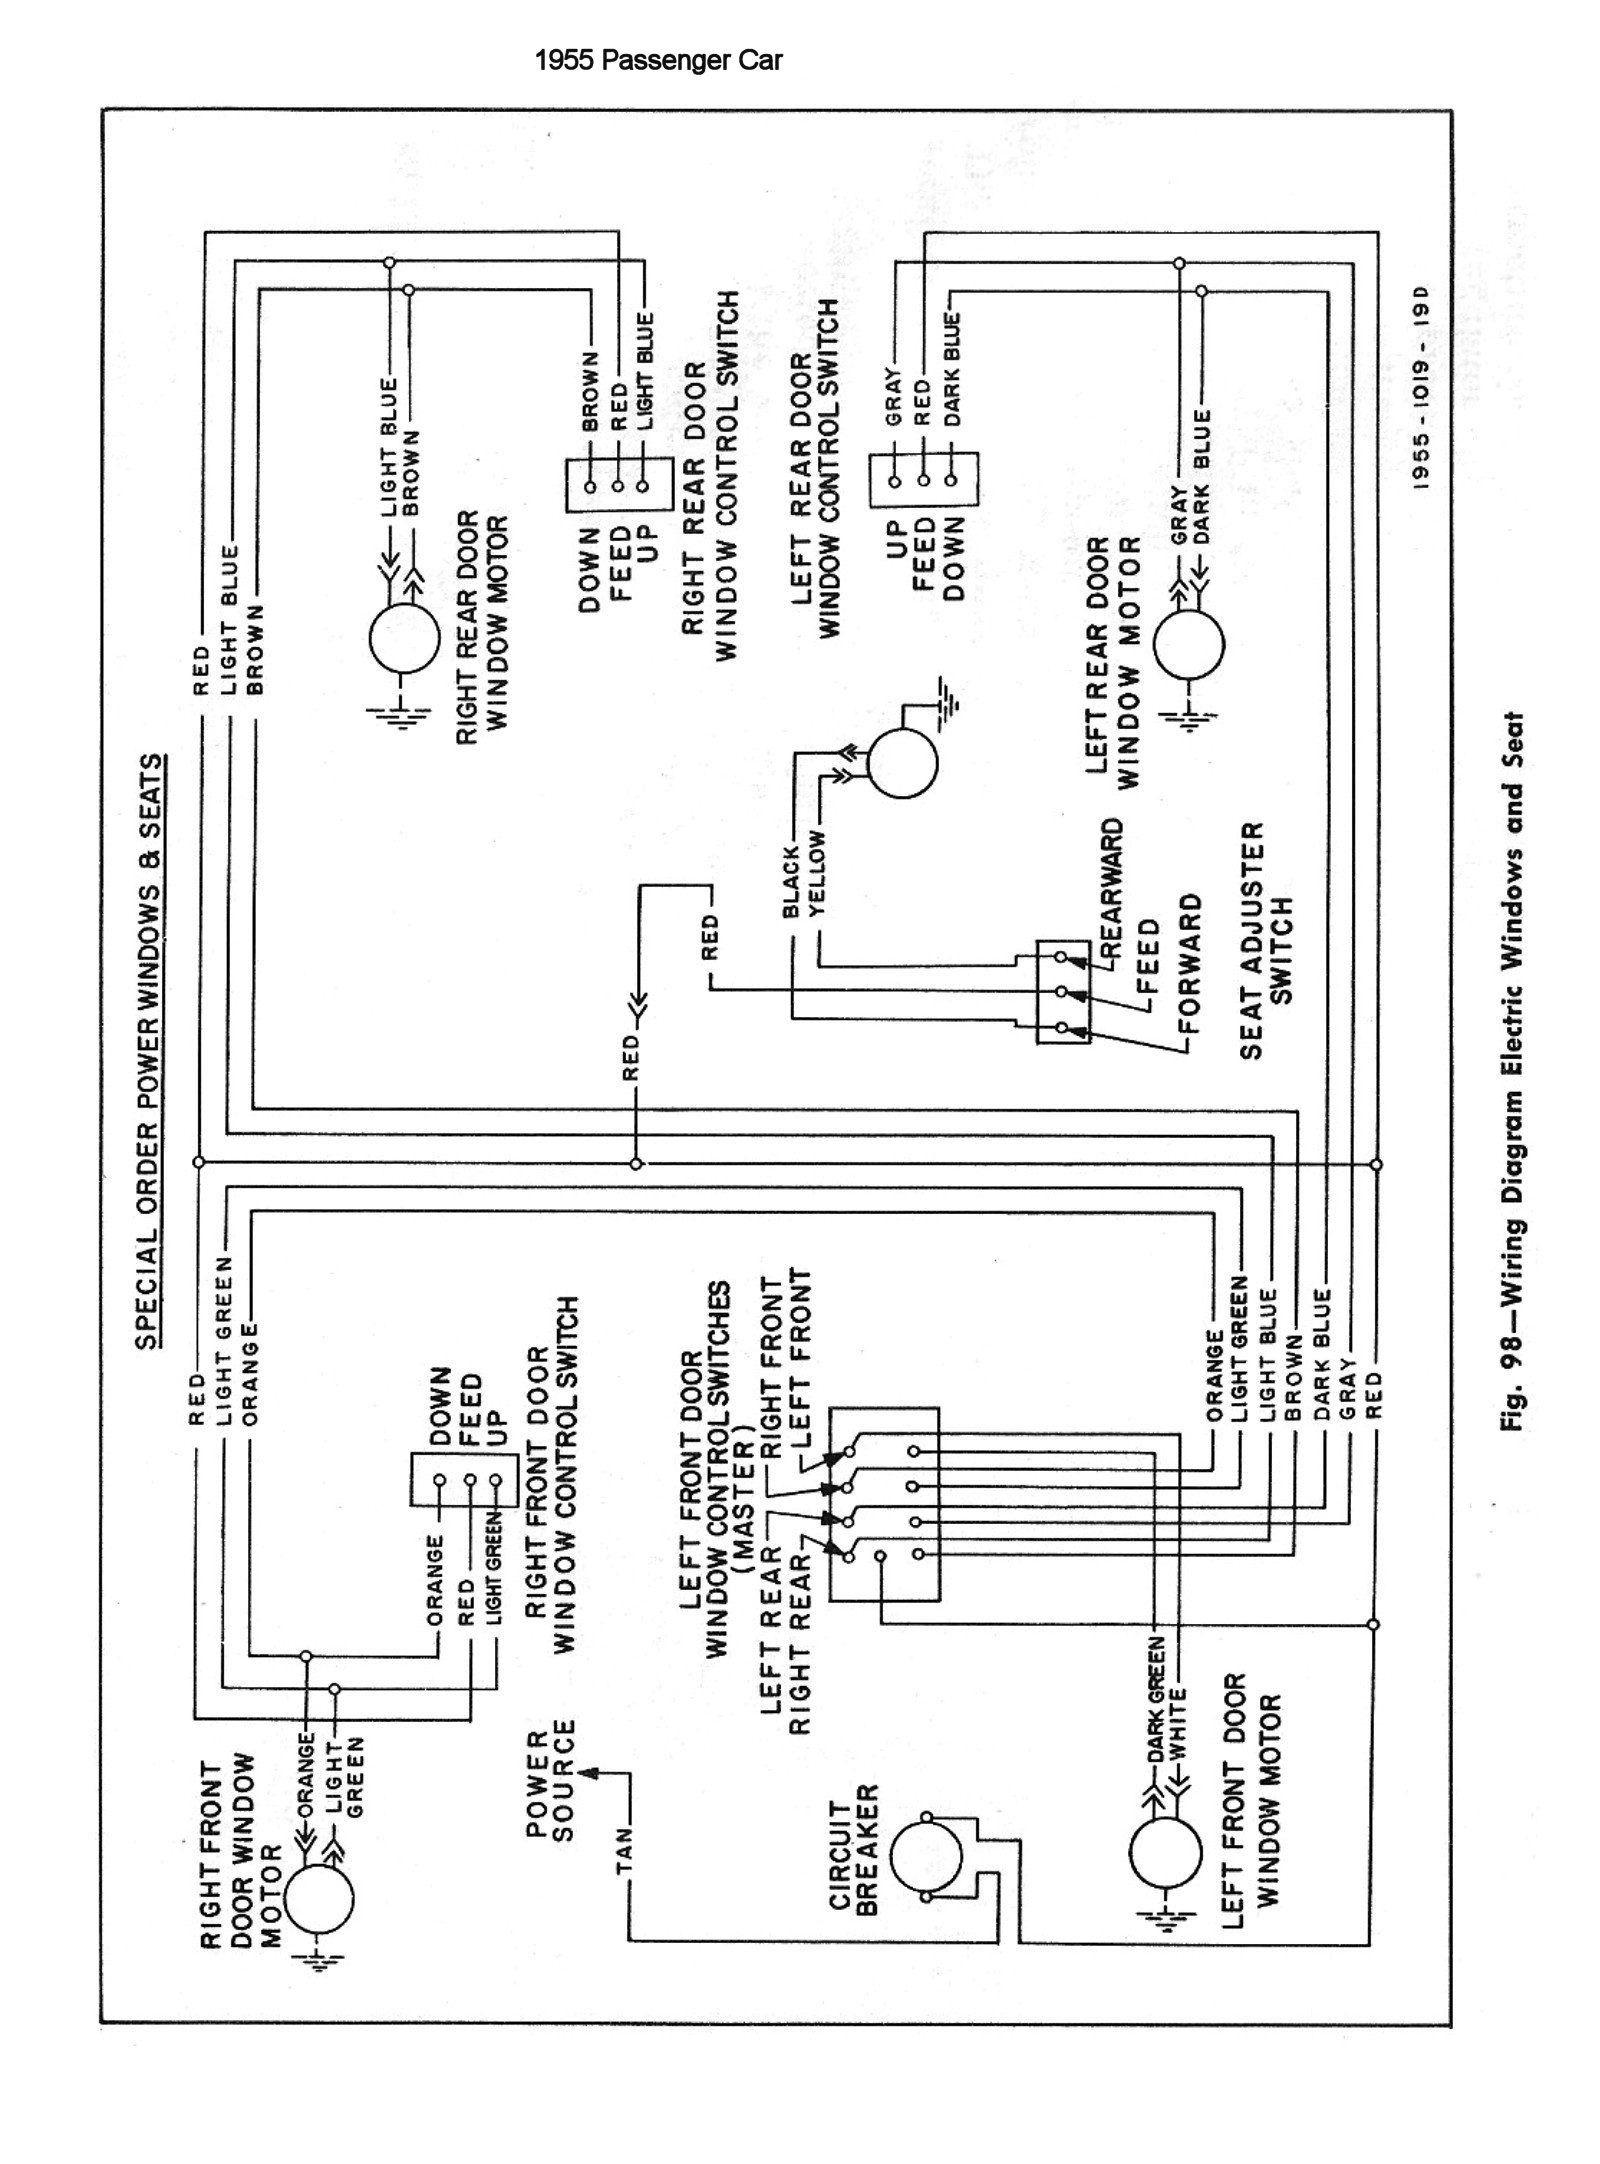 1955 Chevy Turn Signal Wiring Diagram | Wiringdiagram - Turn Signal Wiring Diagram